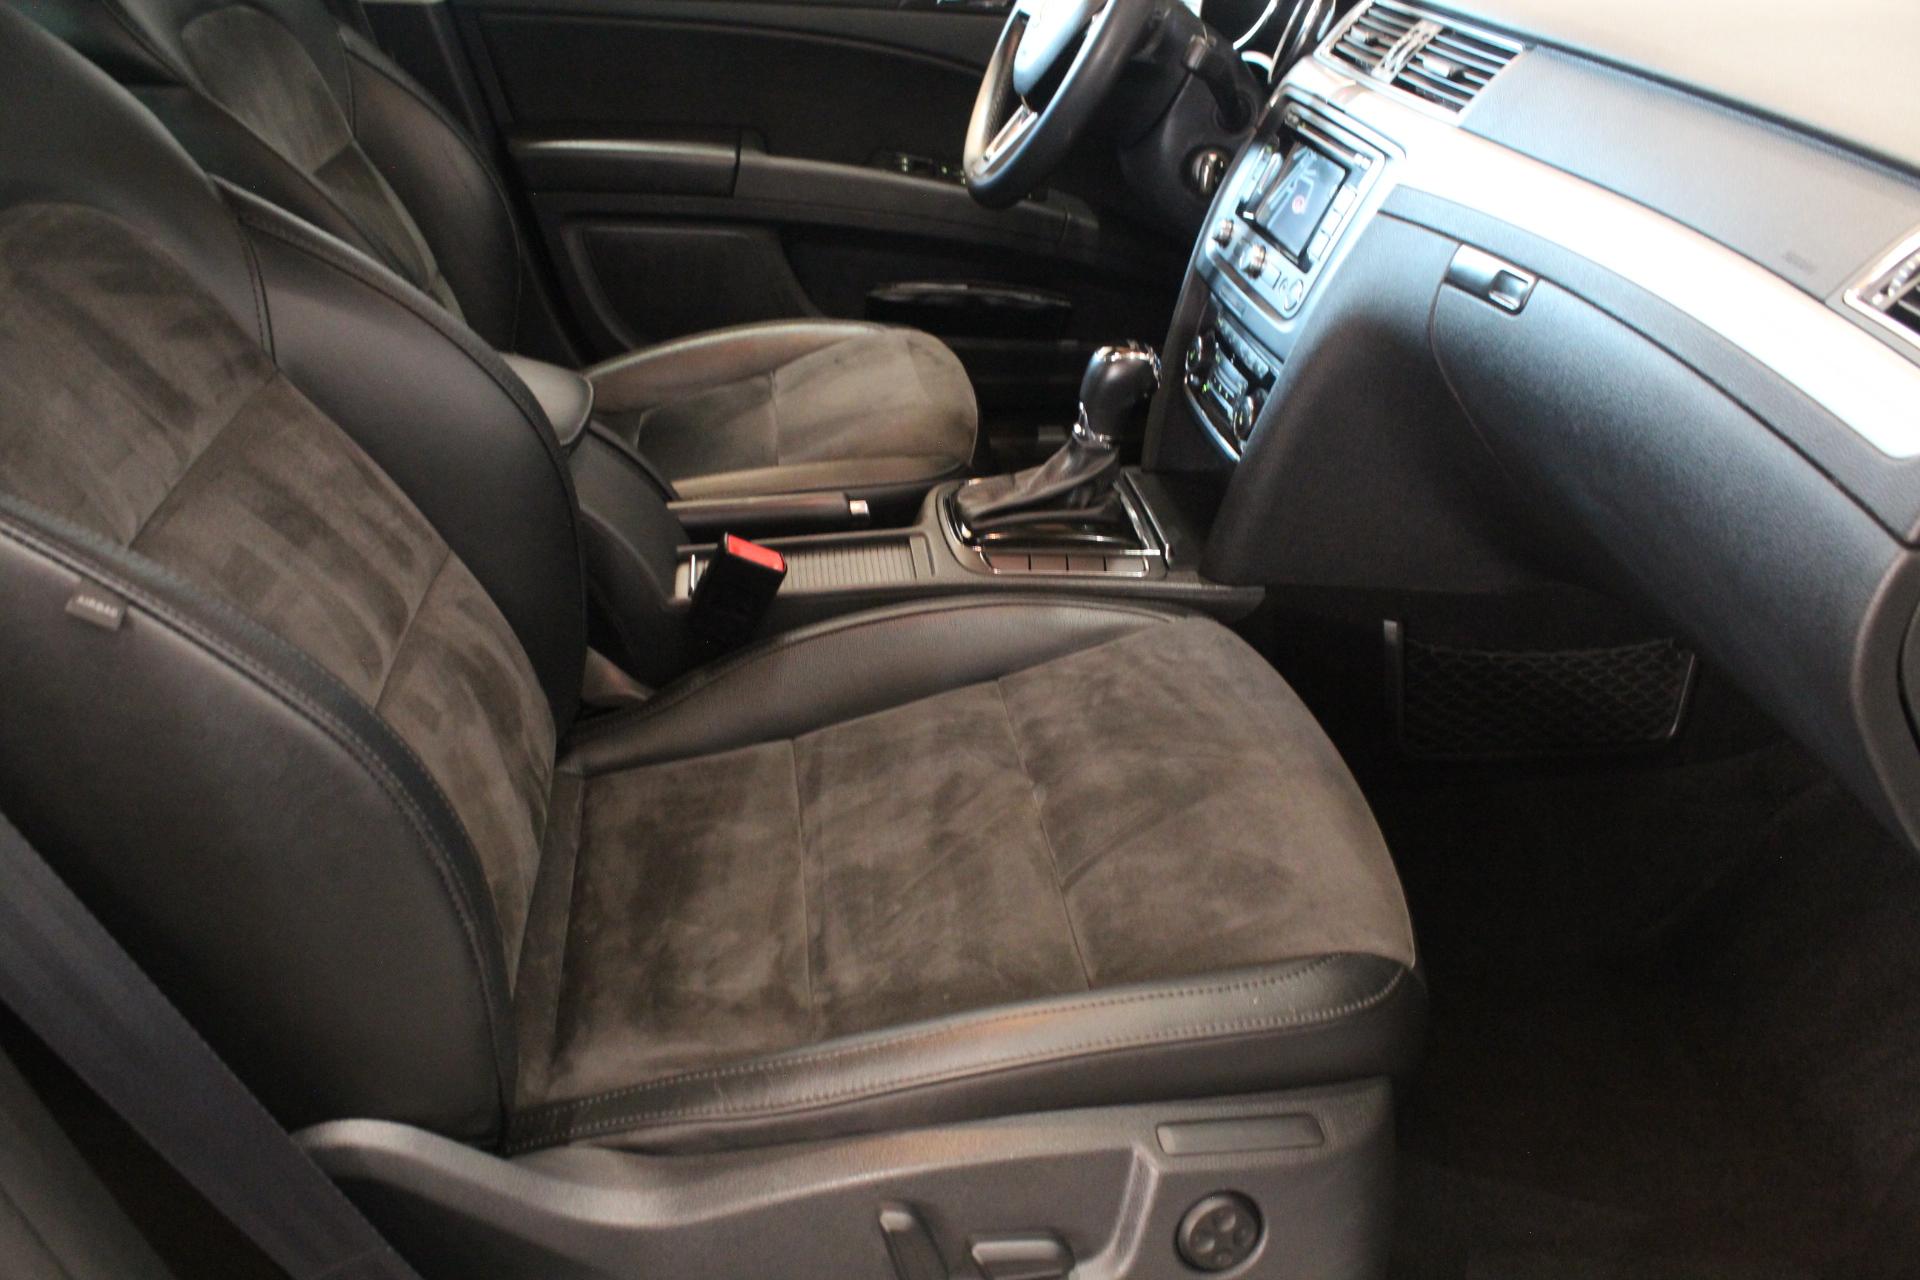 Škoda Superb II 2.0 TDI DSG 125 kW L&K Facelift - AutoBrela obrázek